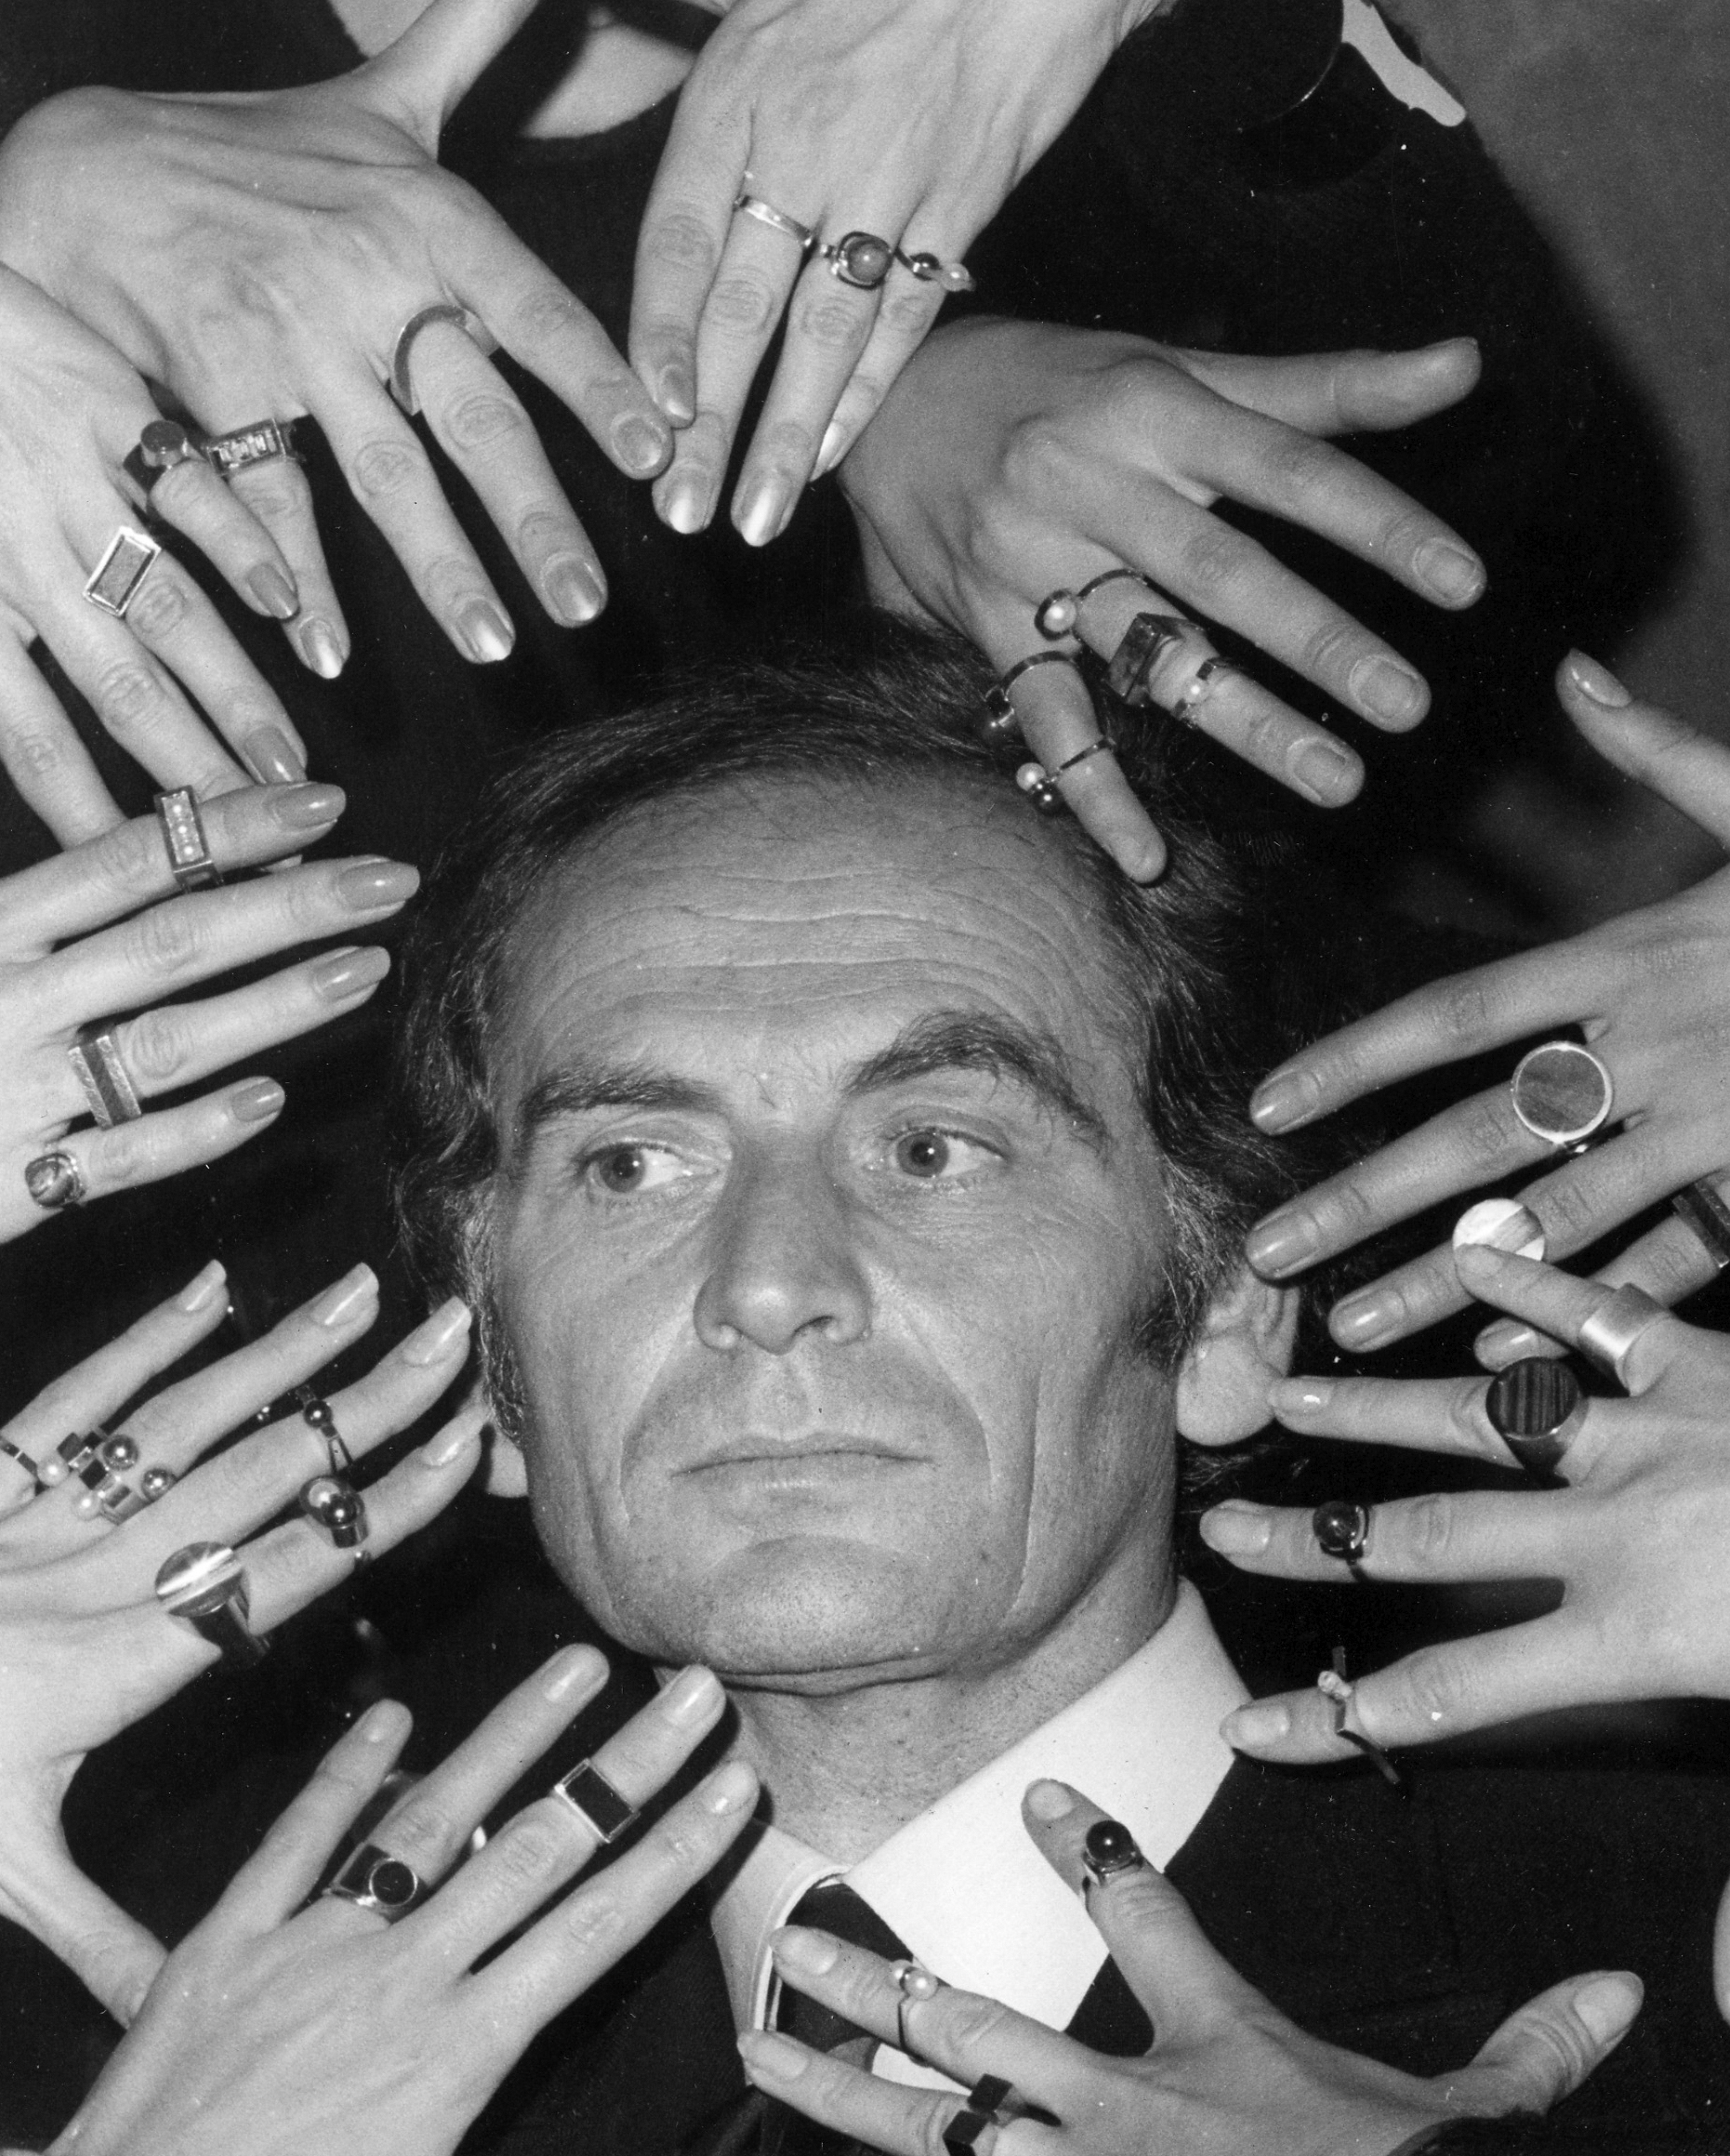 El nombre de Cardin quedó grabado en una gran cantidad de productos, desde relojes de pulsera hasta sábanas, haciendo que su marca fuera una de las más famosas del mundo. En el apogeo de la marca, en las décadas de 1970 y 1980, sus productos se vendieron en unos 100,000 puntos de venta en todo el mundo. (AP)